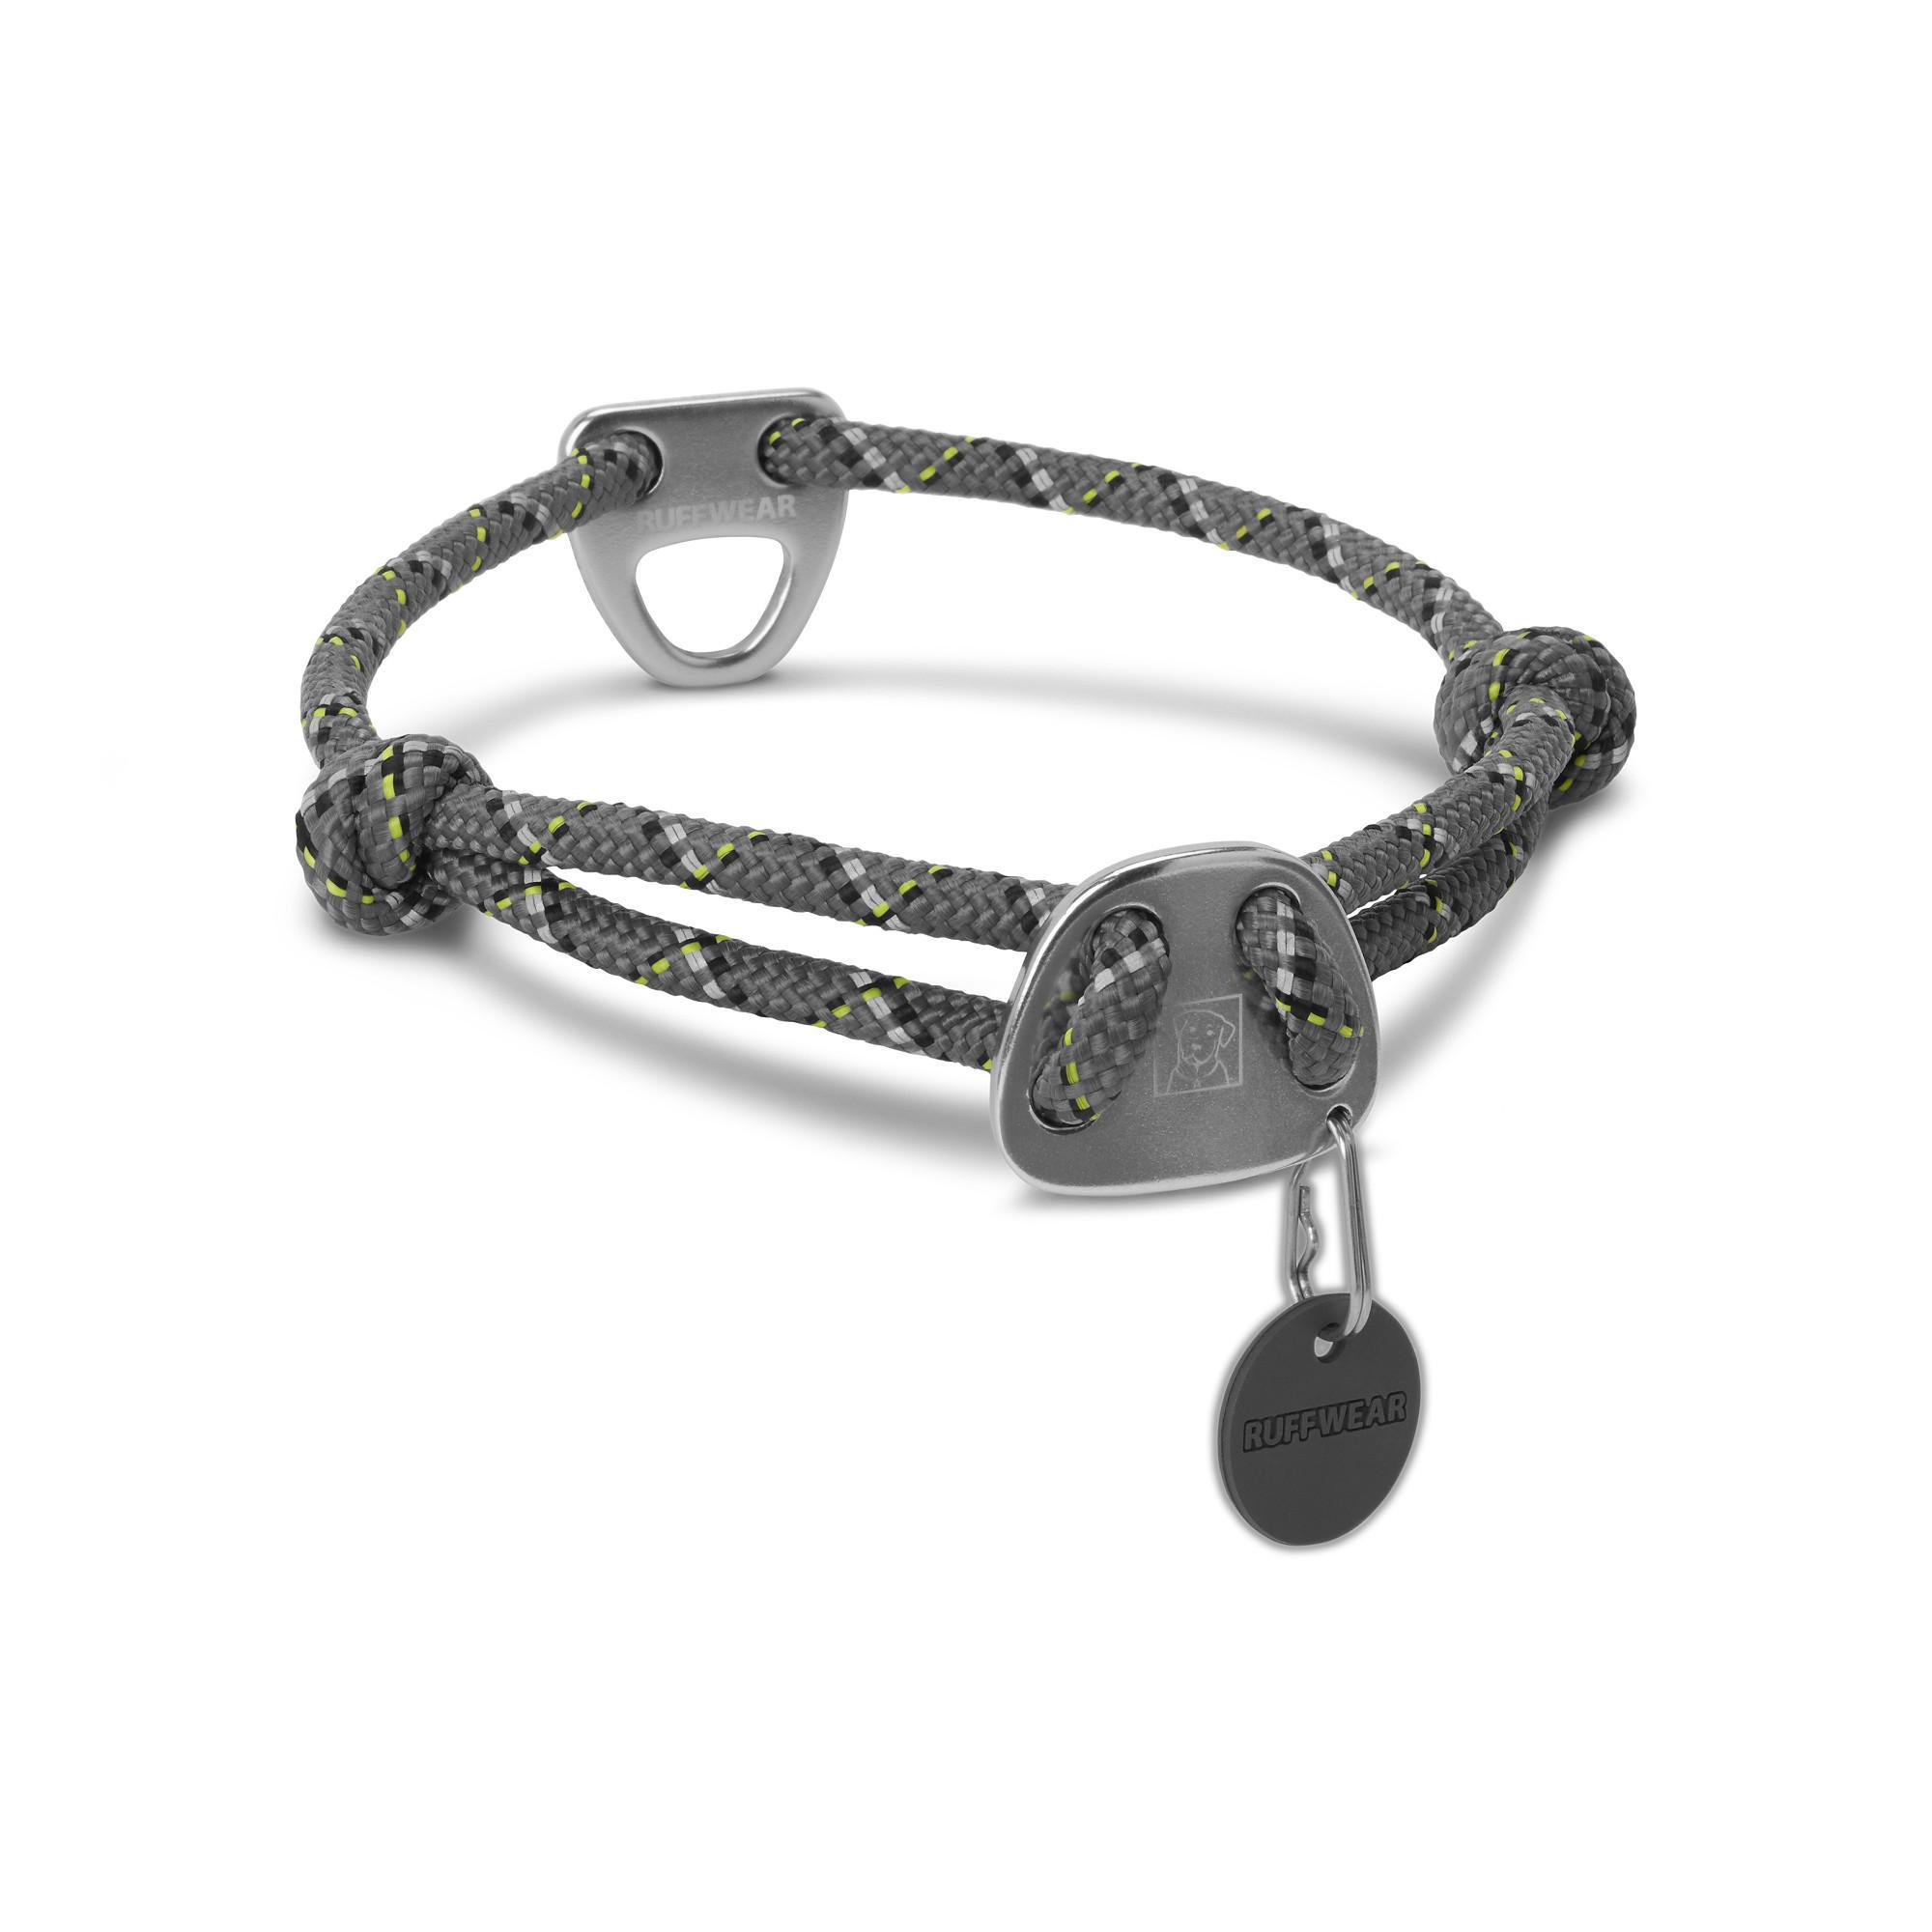 Knot-A-Collar Dog Collar by RuffWear - Granite Gray